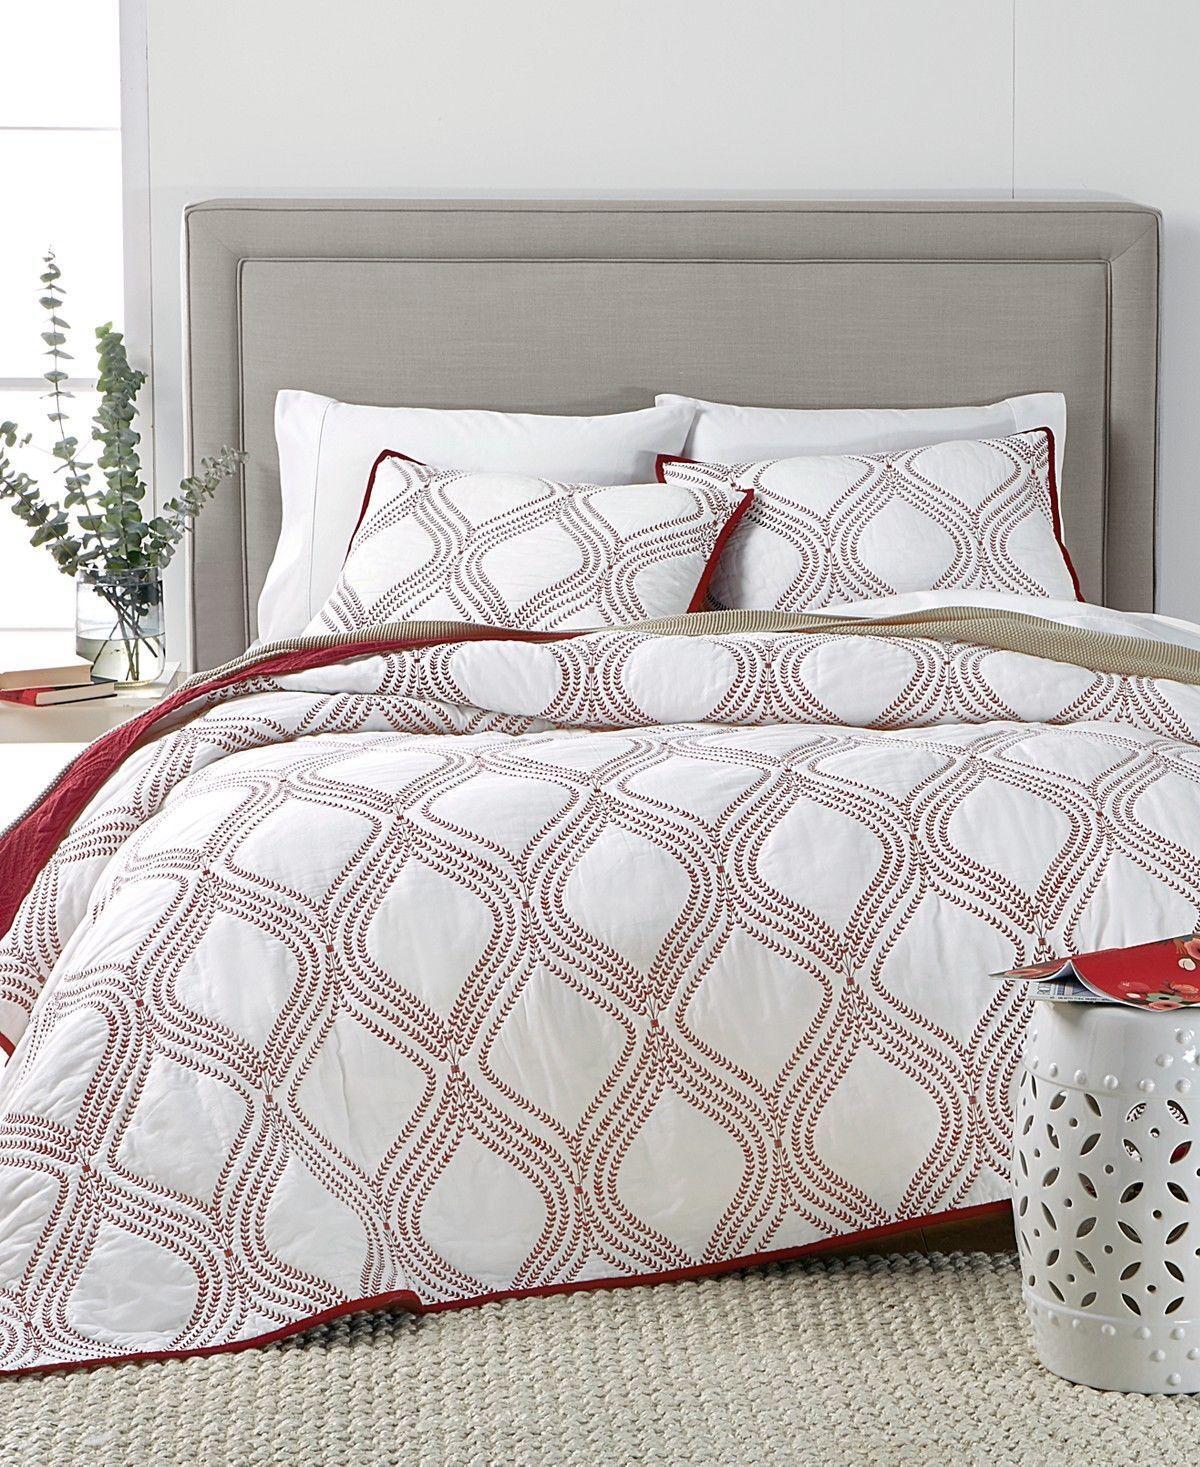 New Martha Stewart Gramercy Gate Red White Full Queen Quilt & Shams Set 3pc